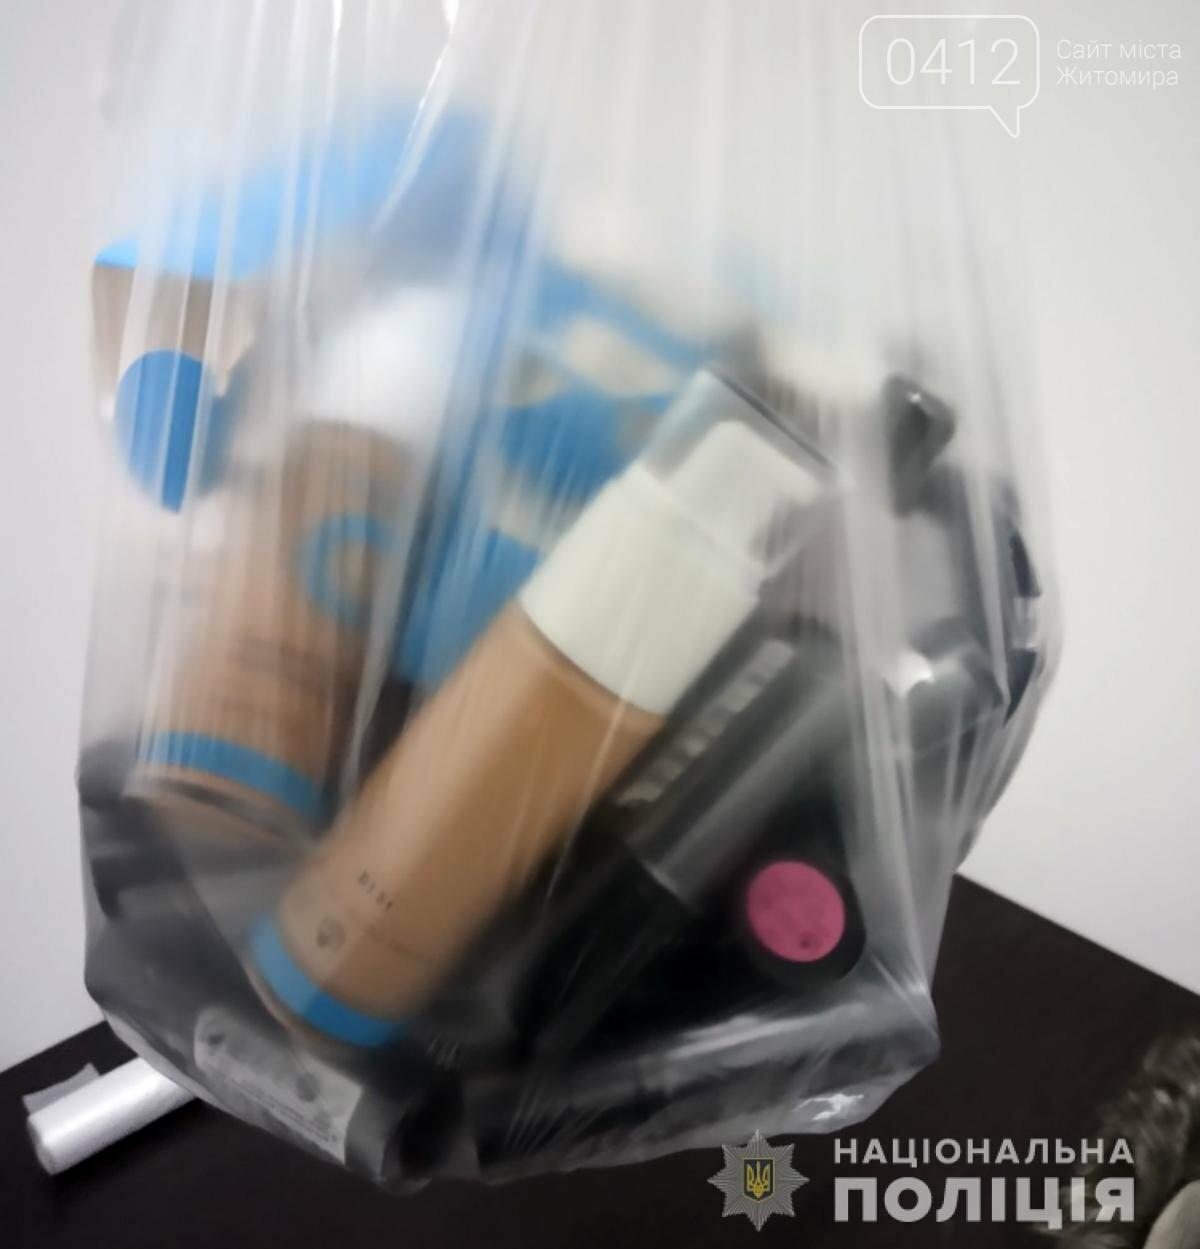 У Житомирському супермаркеті жінка вкрала косметики на 7 тисяч гривень, фото-2